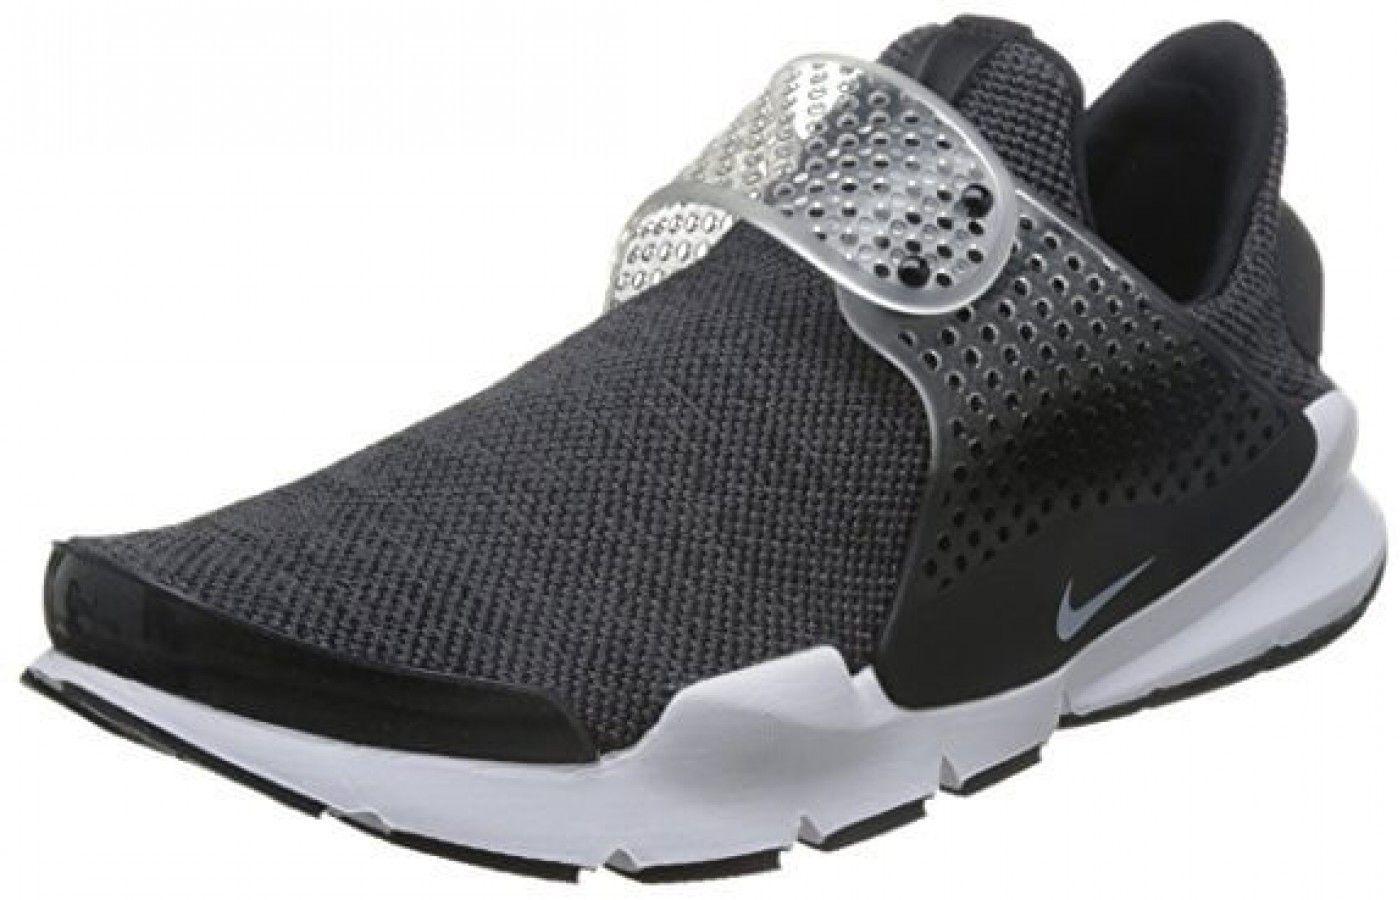 636756e11 Nike Sock Dart SE Premium